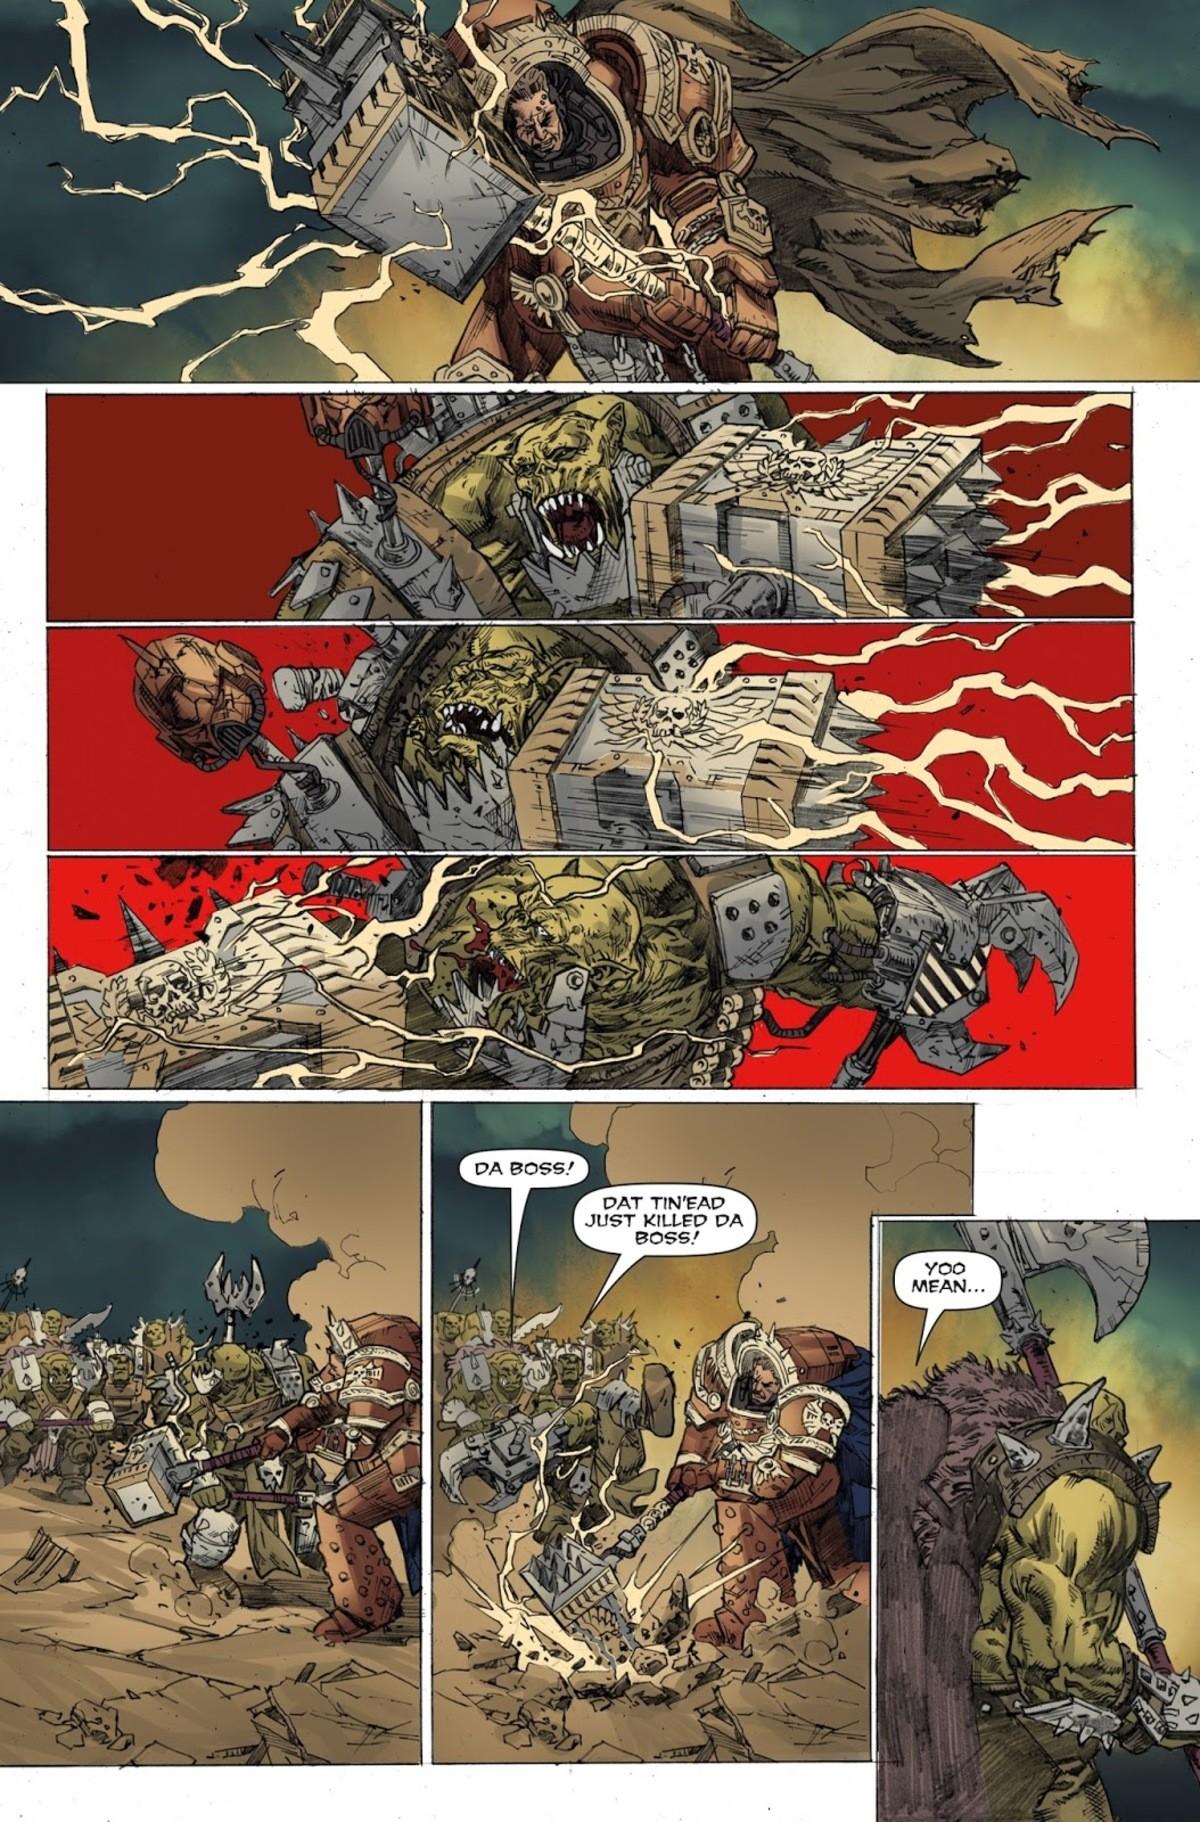 How to fight orks. . DA BOSS.' DAT Tln' EAD JUST KILLED DA. Bonus page: How to fight eldar How to fight orks DA BOSS ' DAT Tln' EAD JUST KILLED Bonus page: eldar